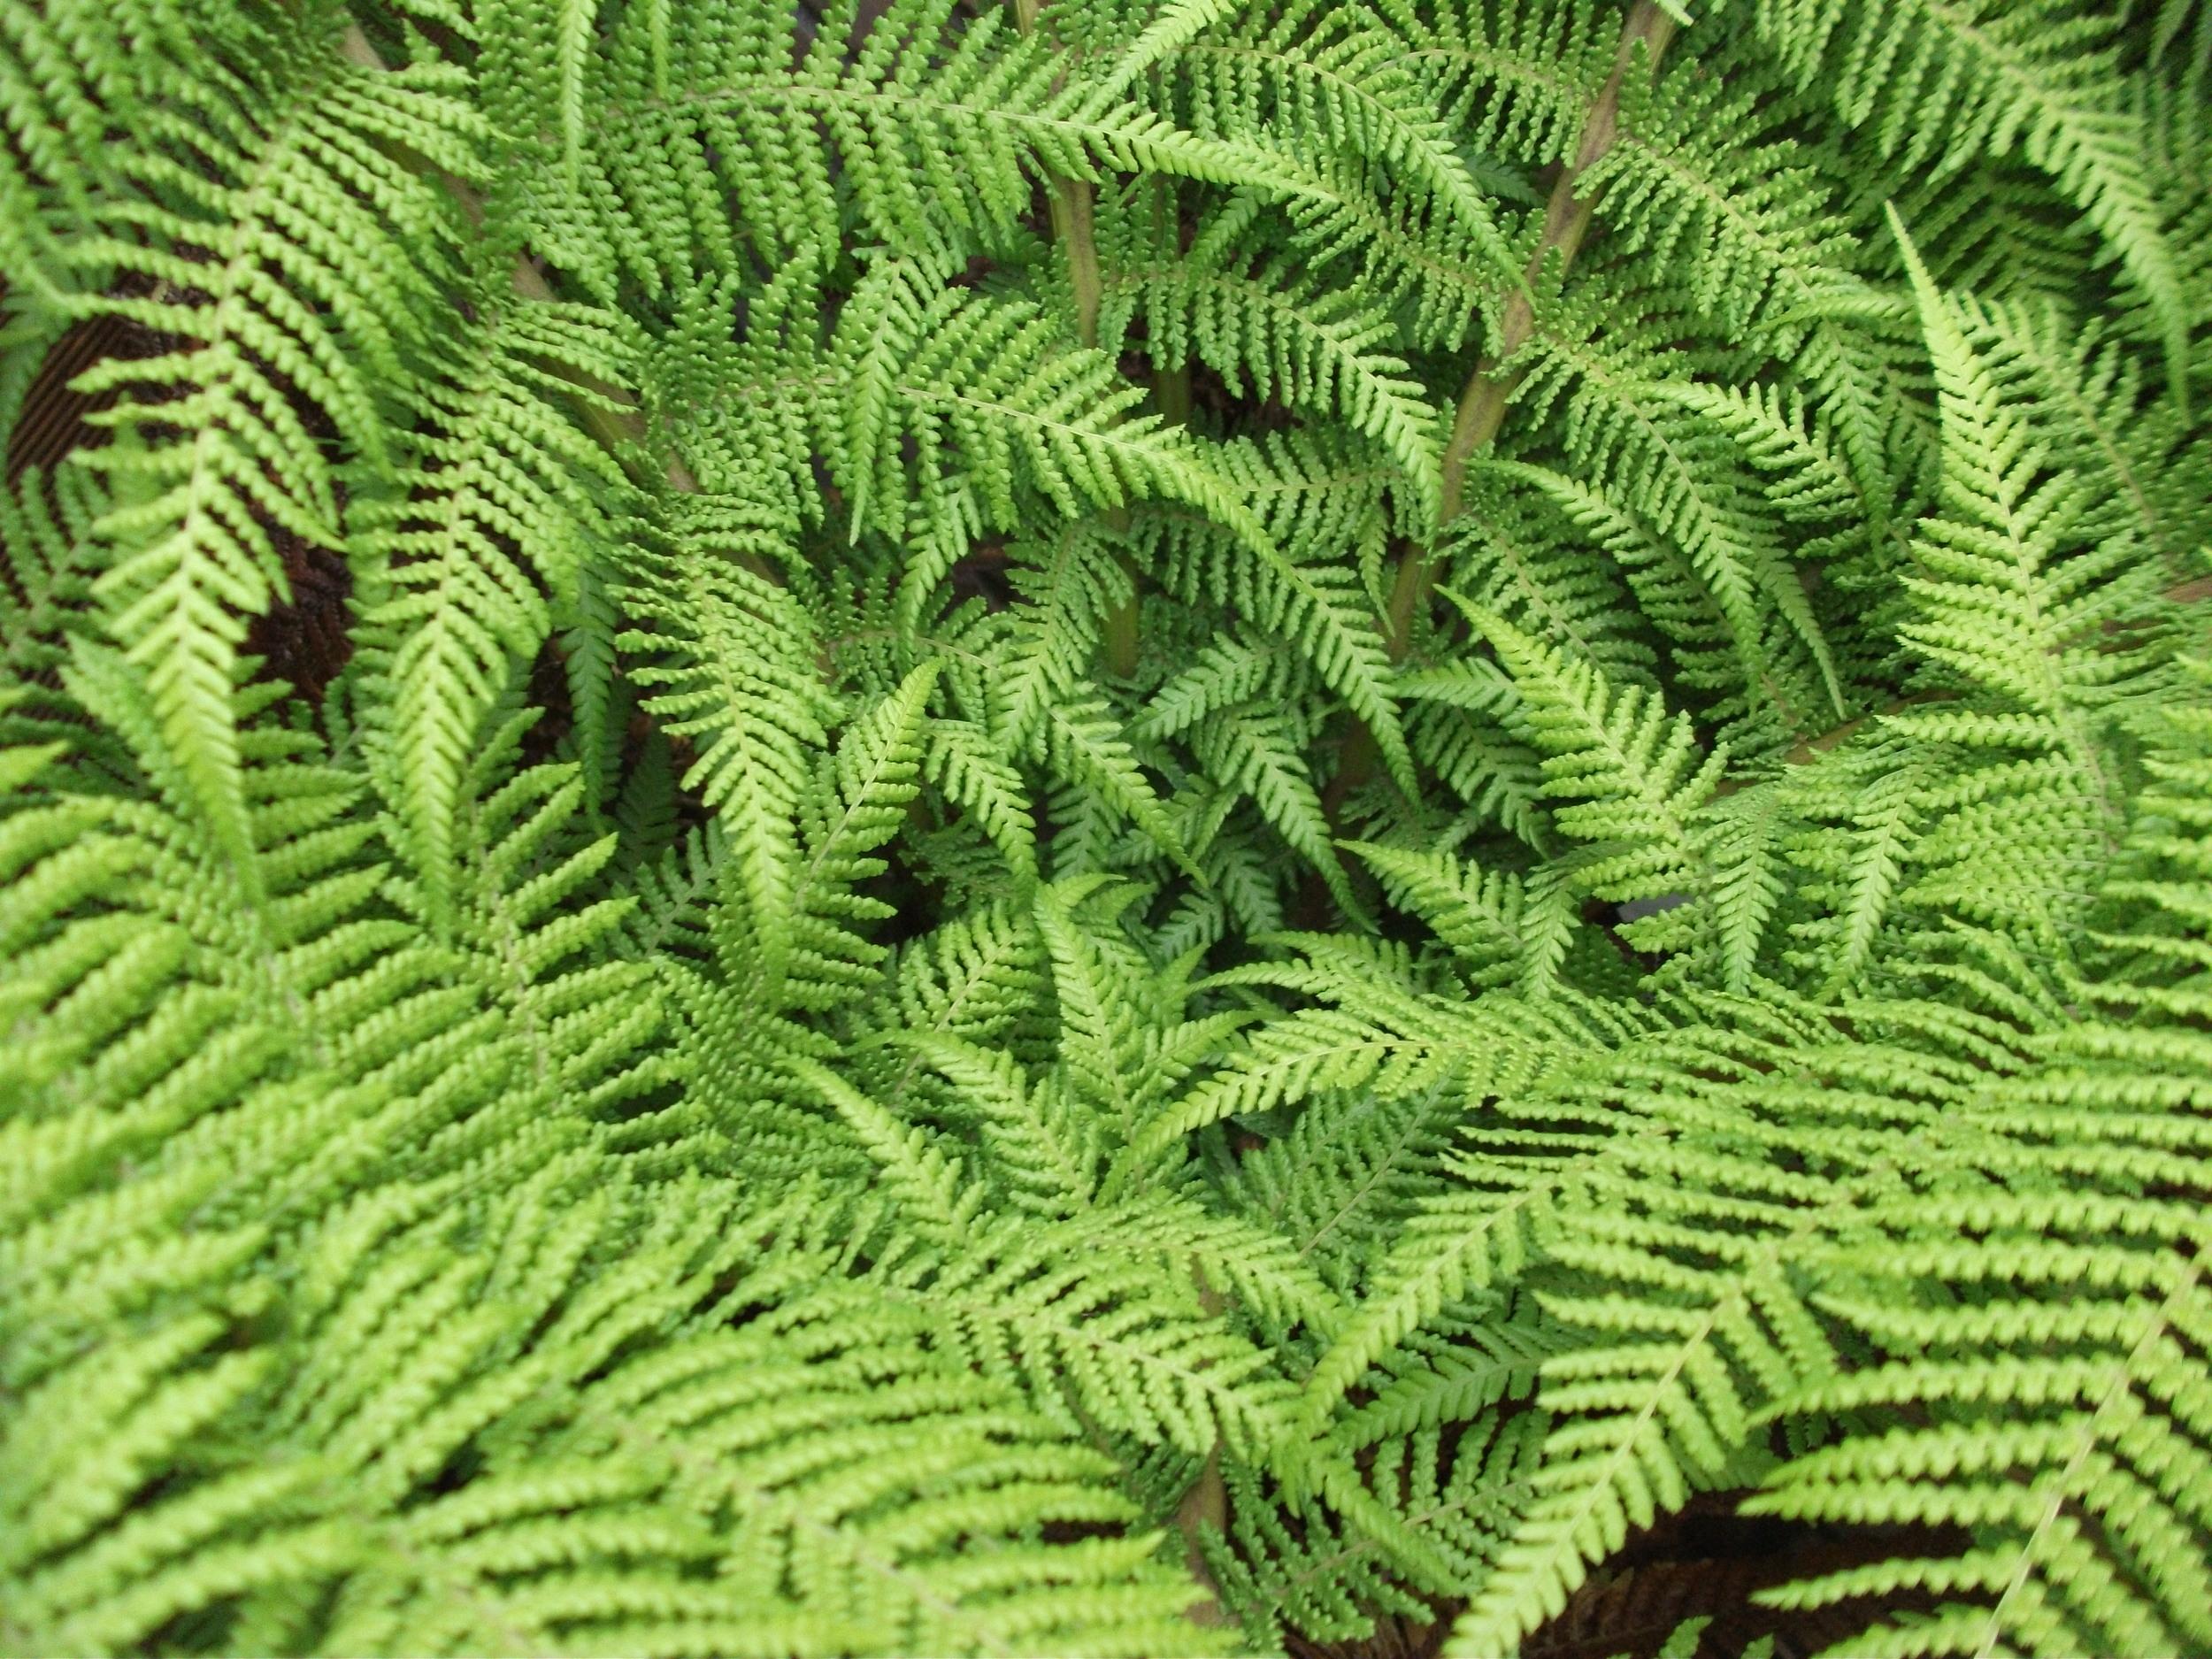 fronds of fern tree